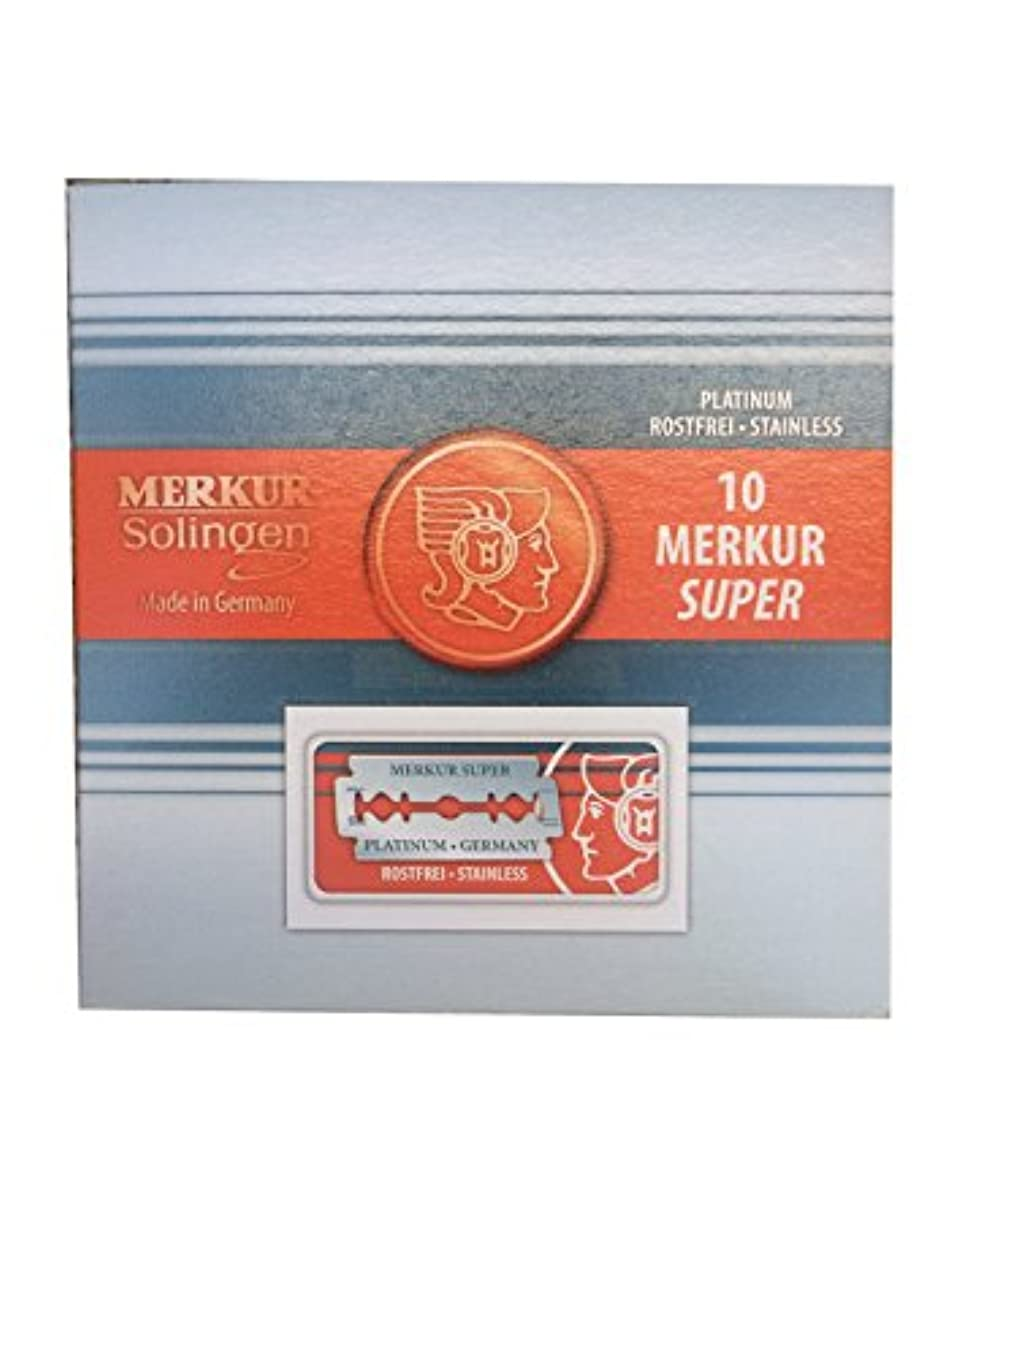 疾患反映する労働者Merkur Super Platinum 両刃替刃 100枚入り(10枚入り10 個セット)【並行輸入品】